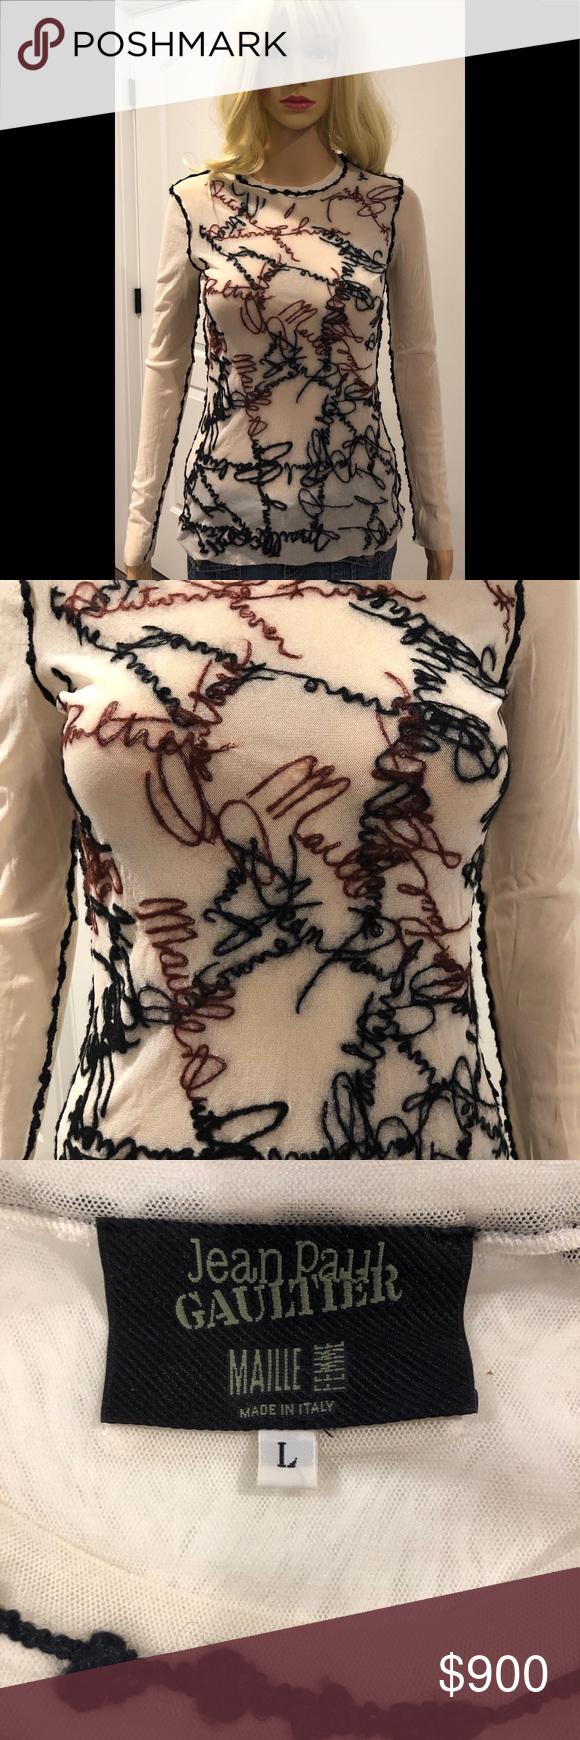 Jean Paul Gaultier mesh top